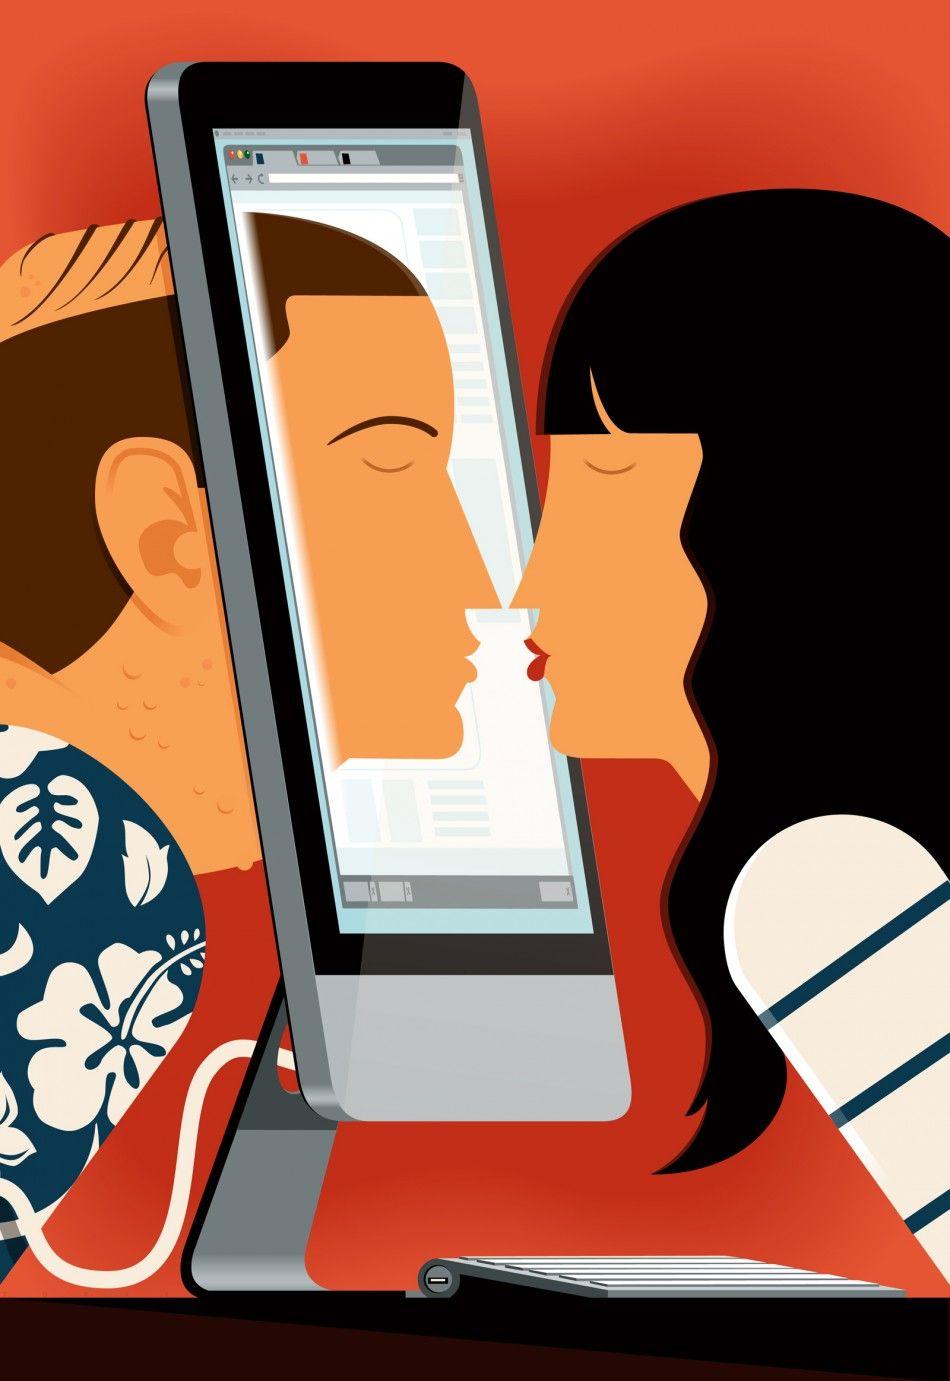 eerste vragen voor online dating